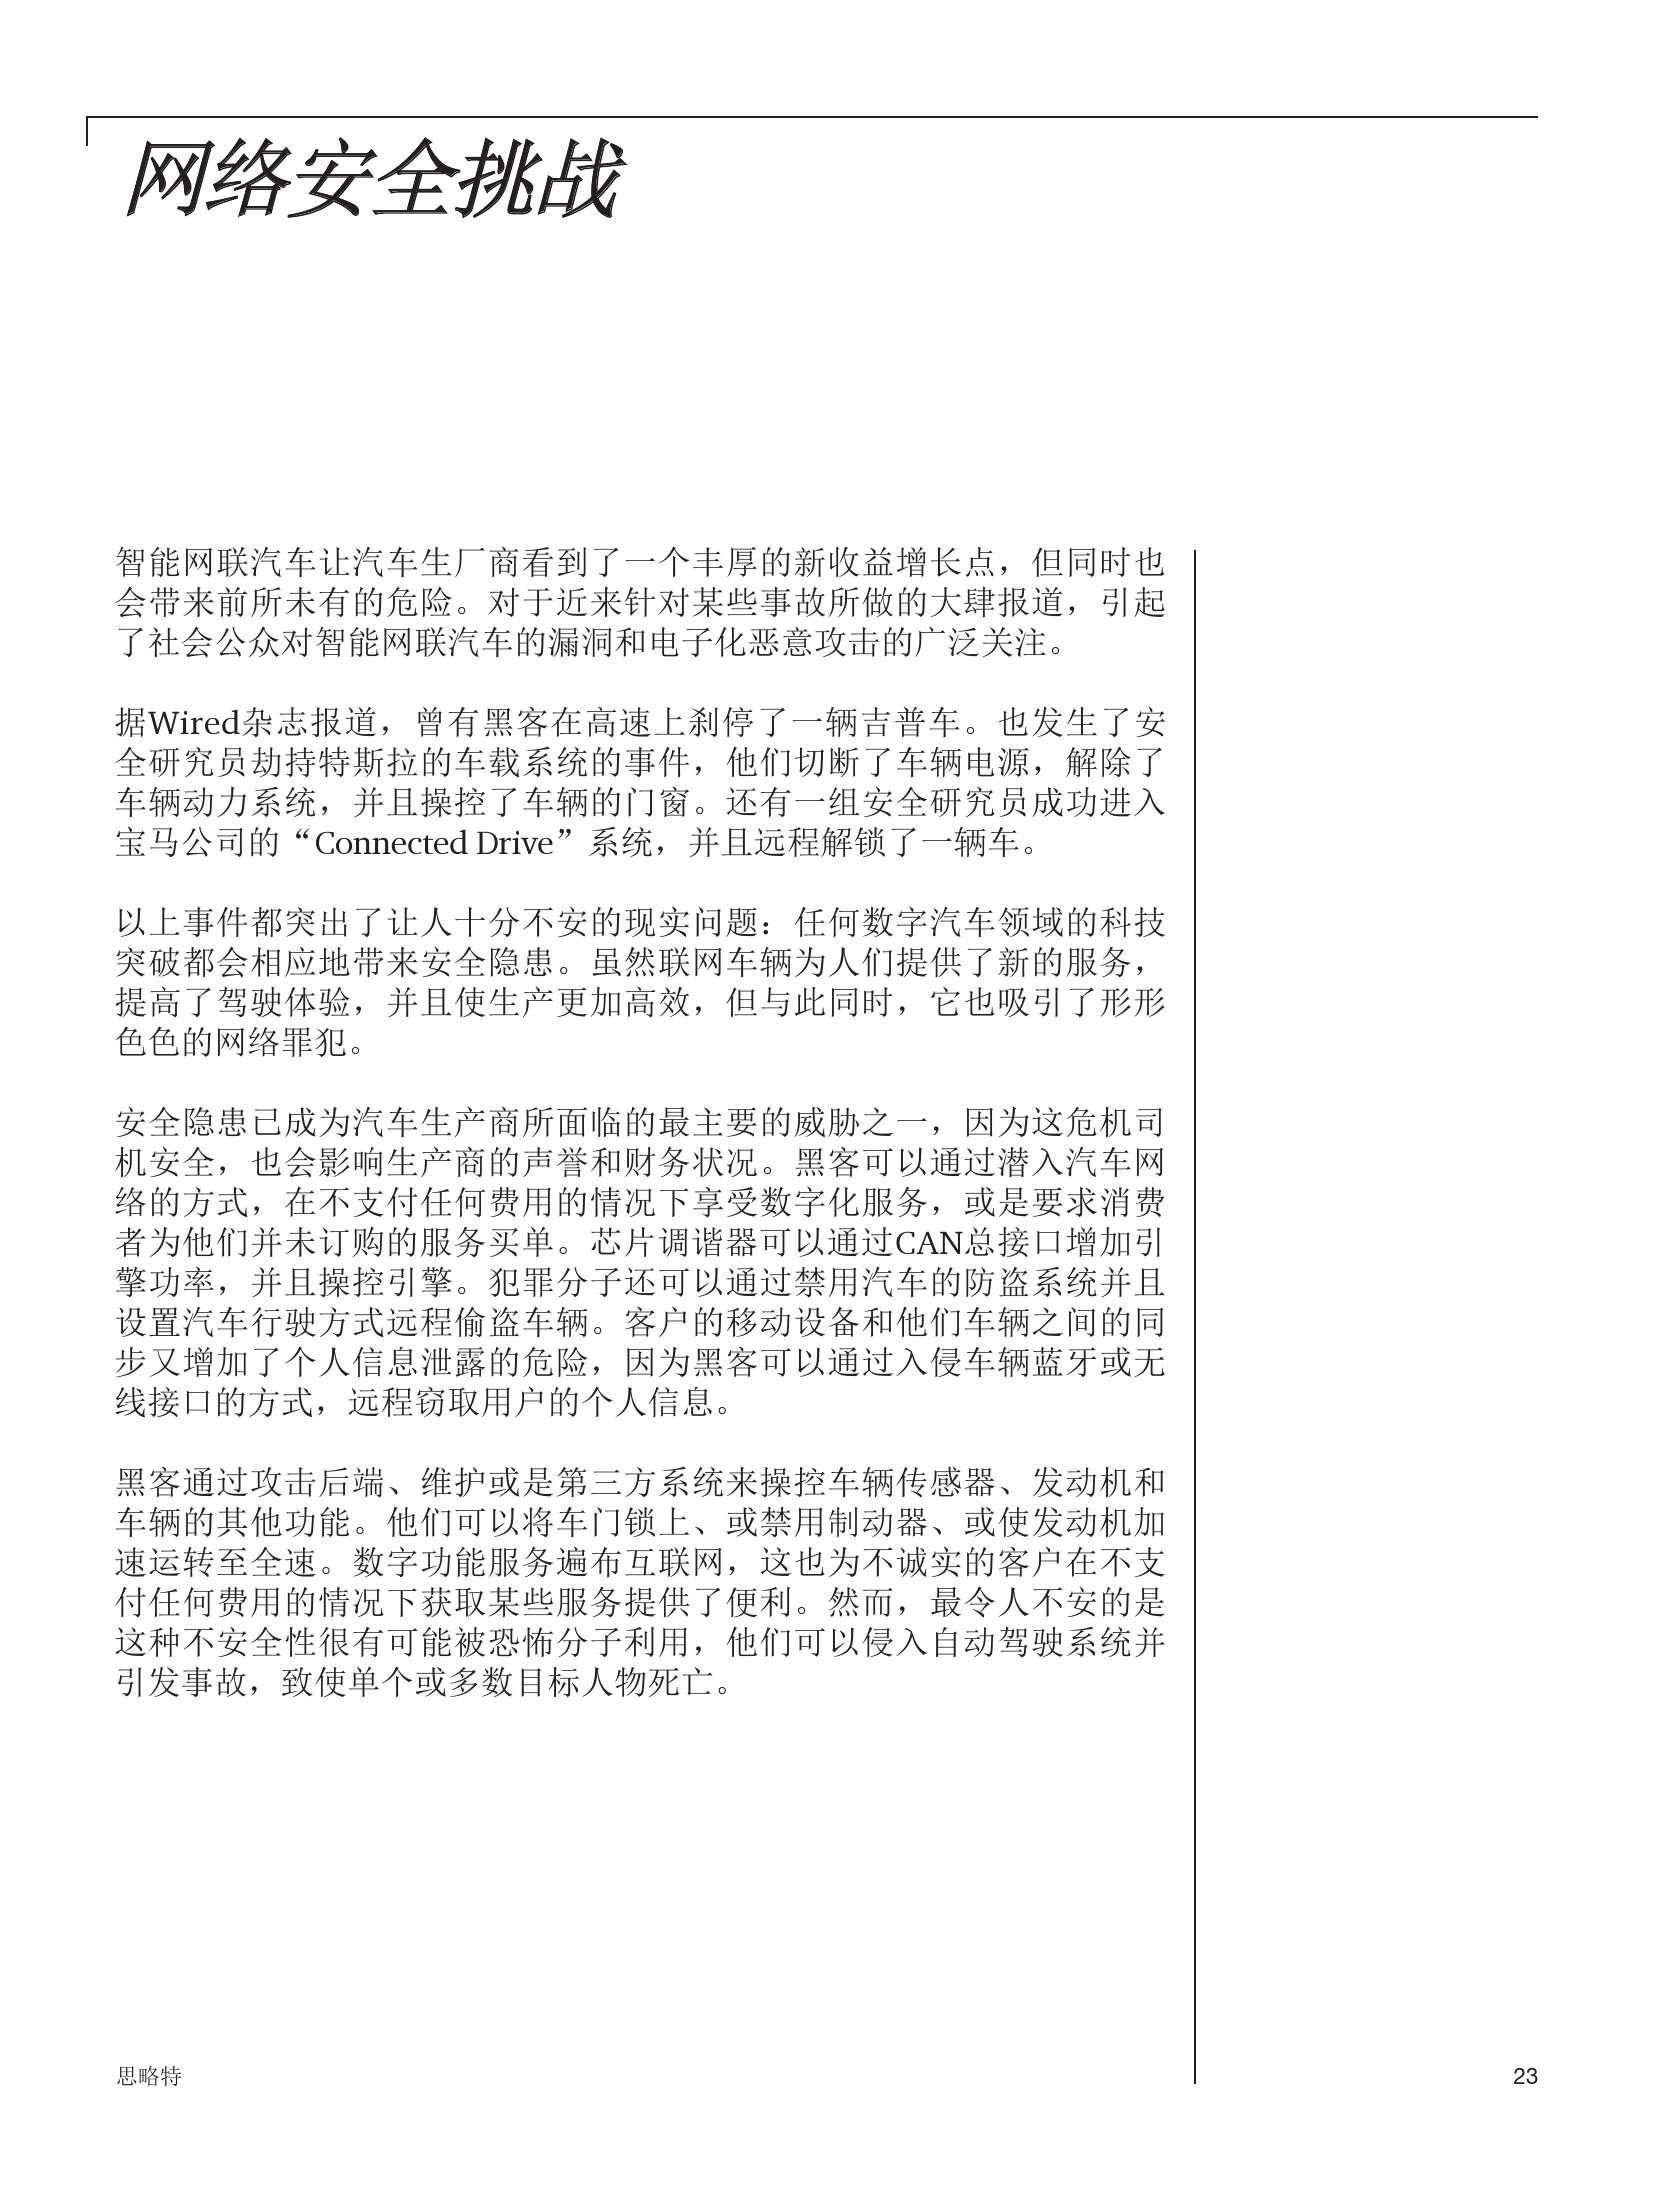 2015智能网联汽车调查_000023